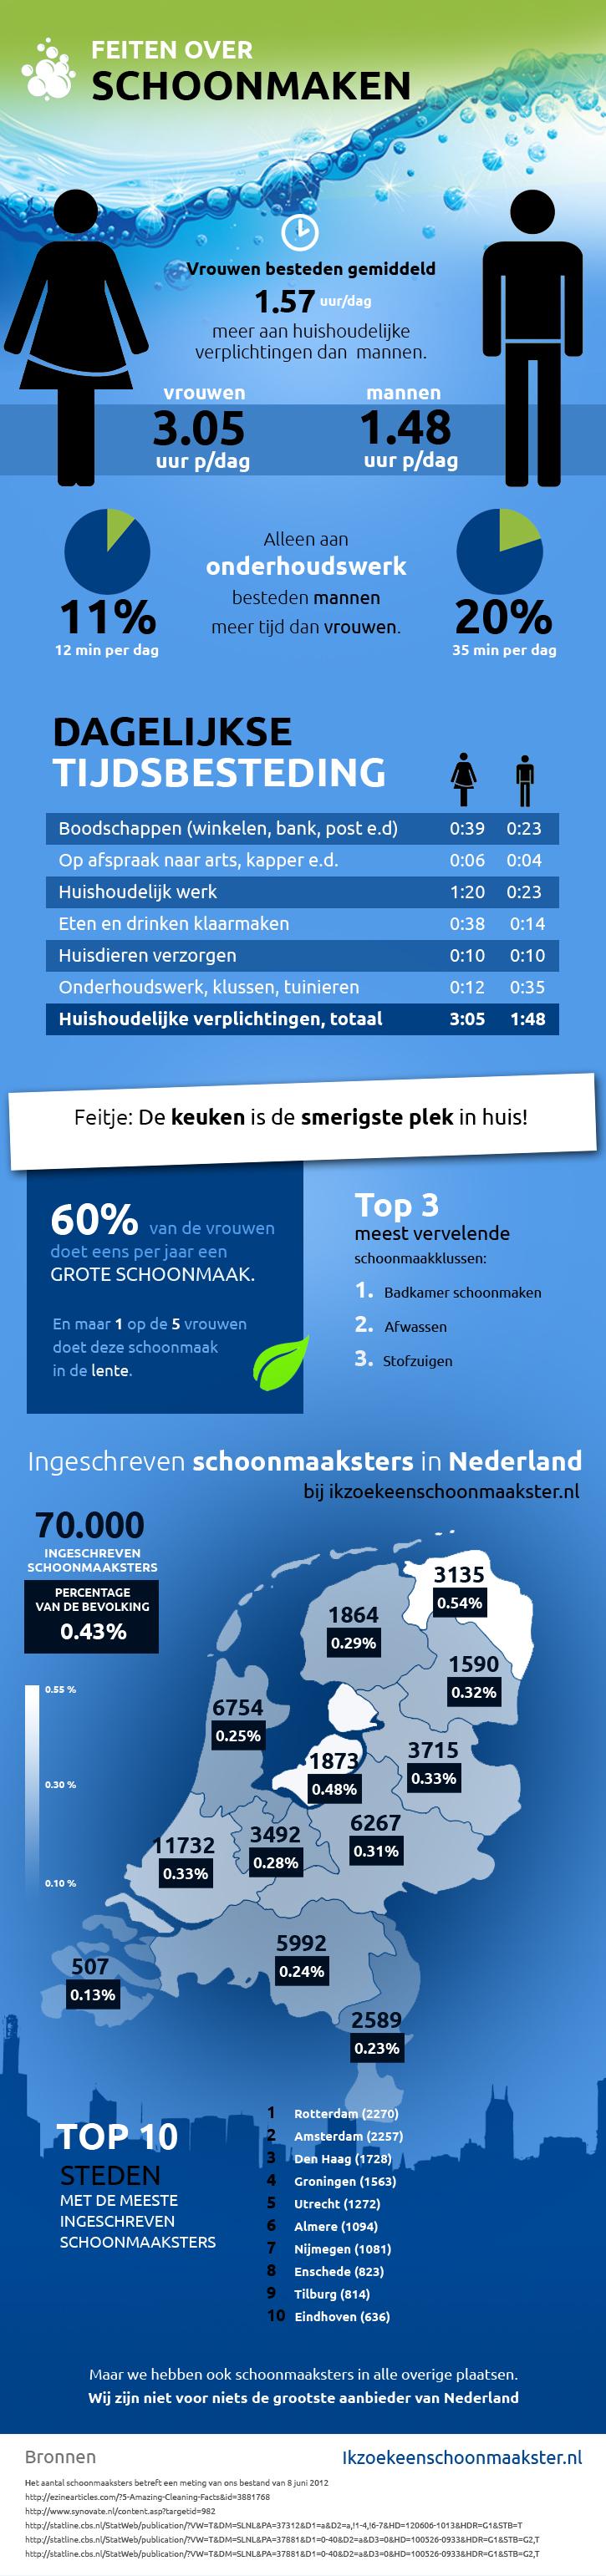 Schoonmaken Infographic - ikzoekeenschoonmaakster.nl